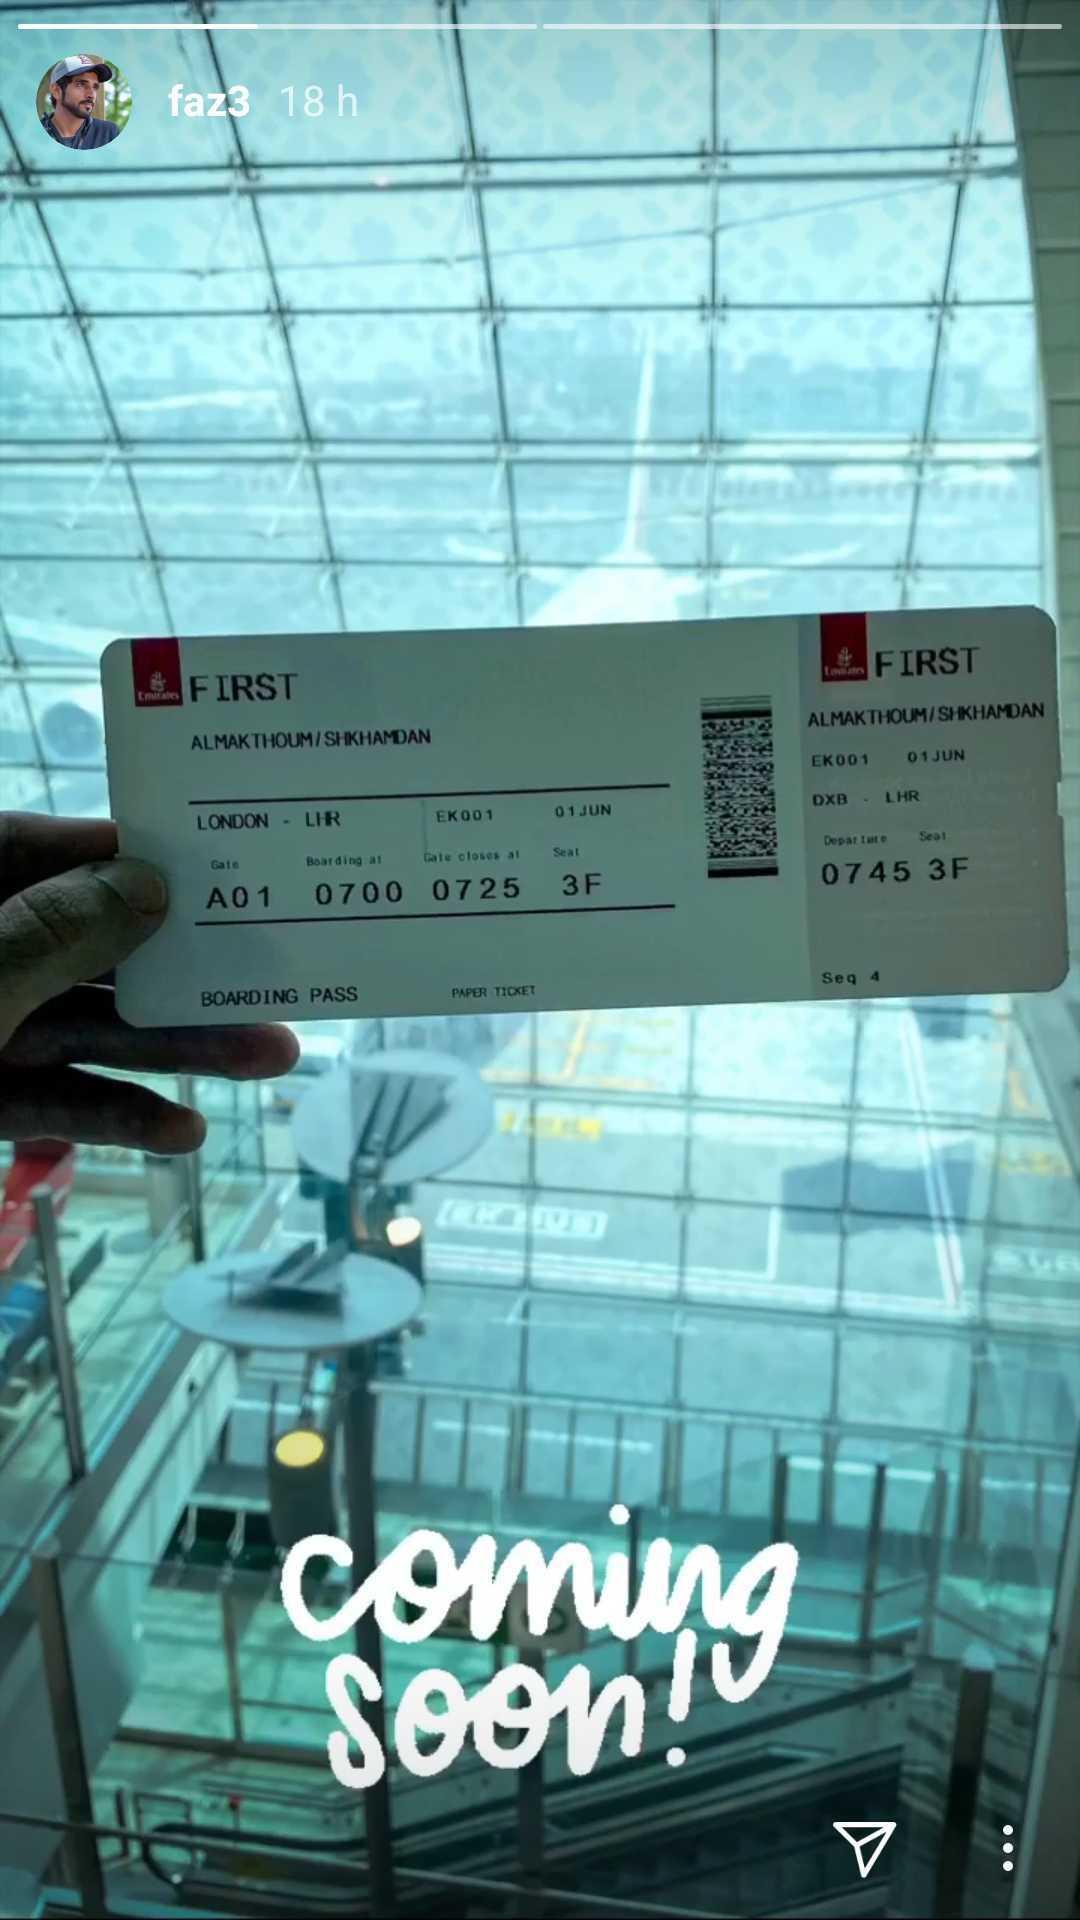 ولي عهد دبي يشارك تذكرة طيران متجهة إلى لندن تحمل اسمه ويقول: قادم قريباً